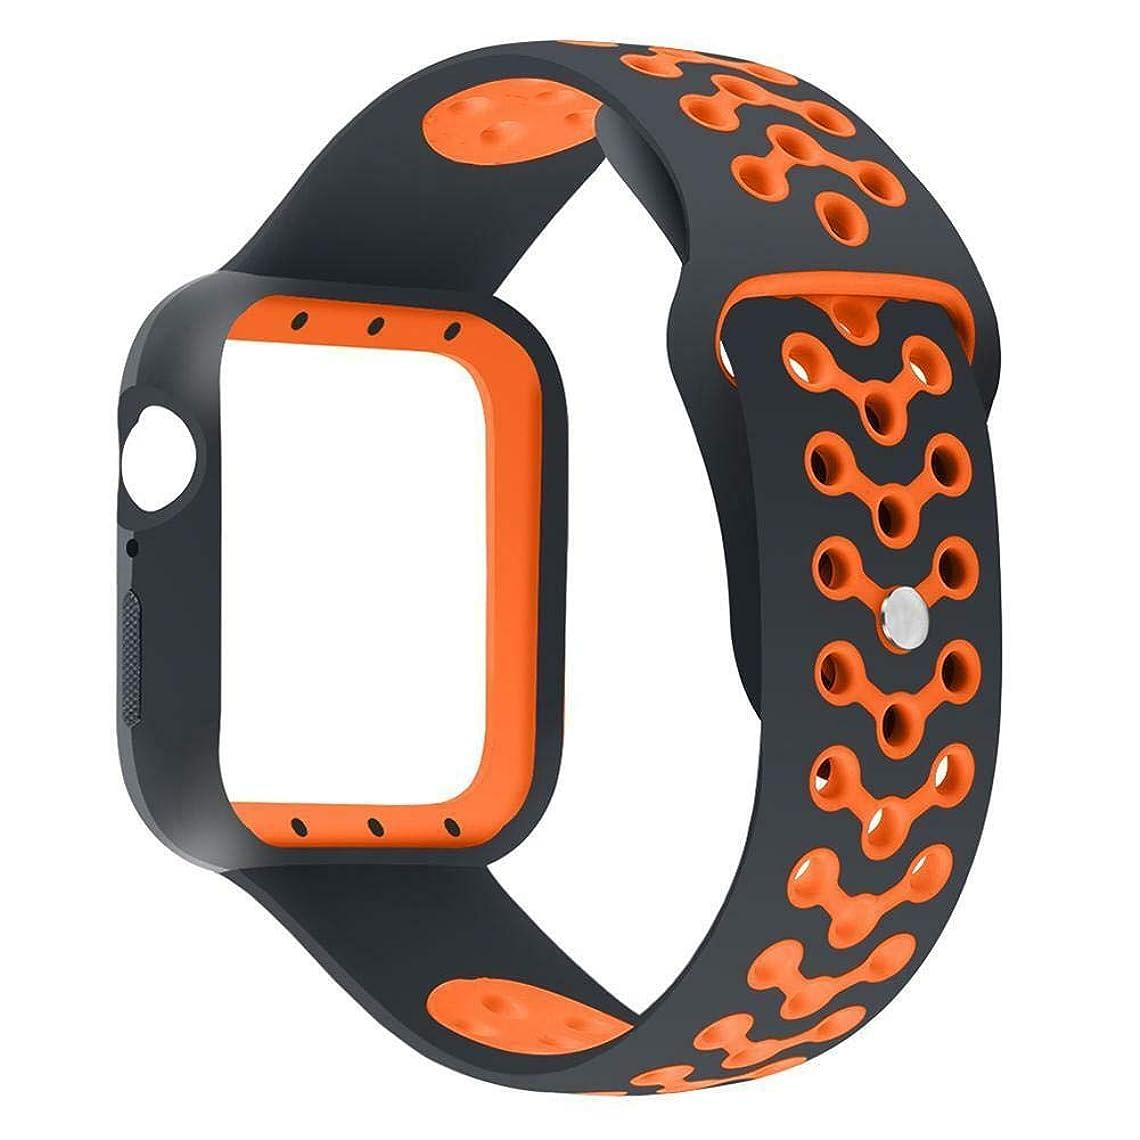 ネスト方法論くしゃくしゃFidgetGear Apple Watch 4用ソフトシリコンウォッチバンドリストストラップブレスレットベルトの交換 40mmブラック+オレンジ